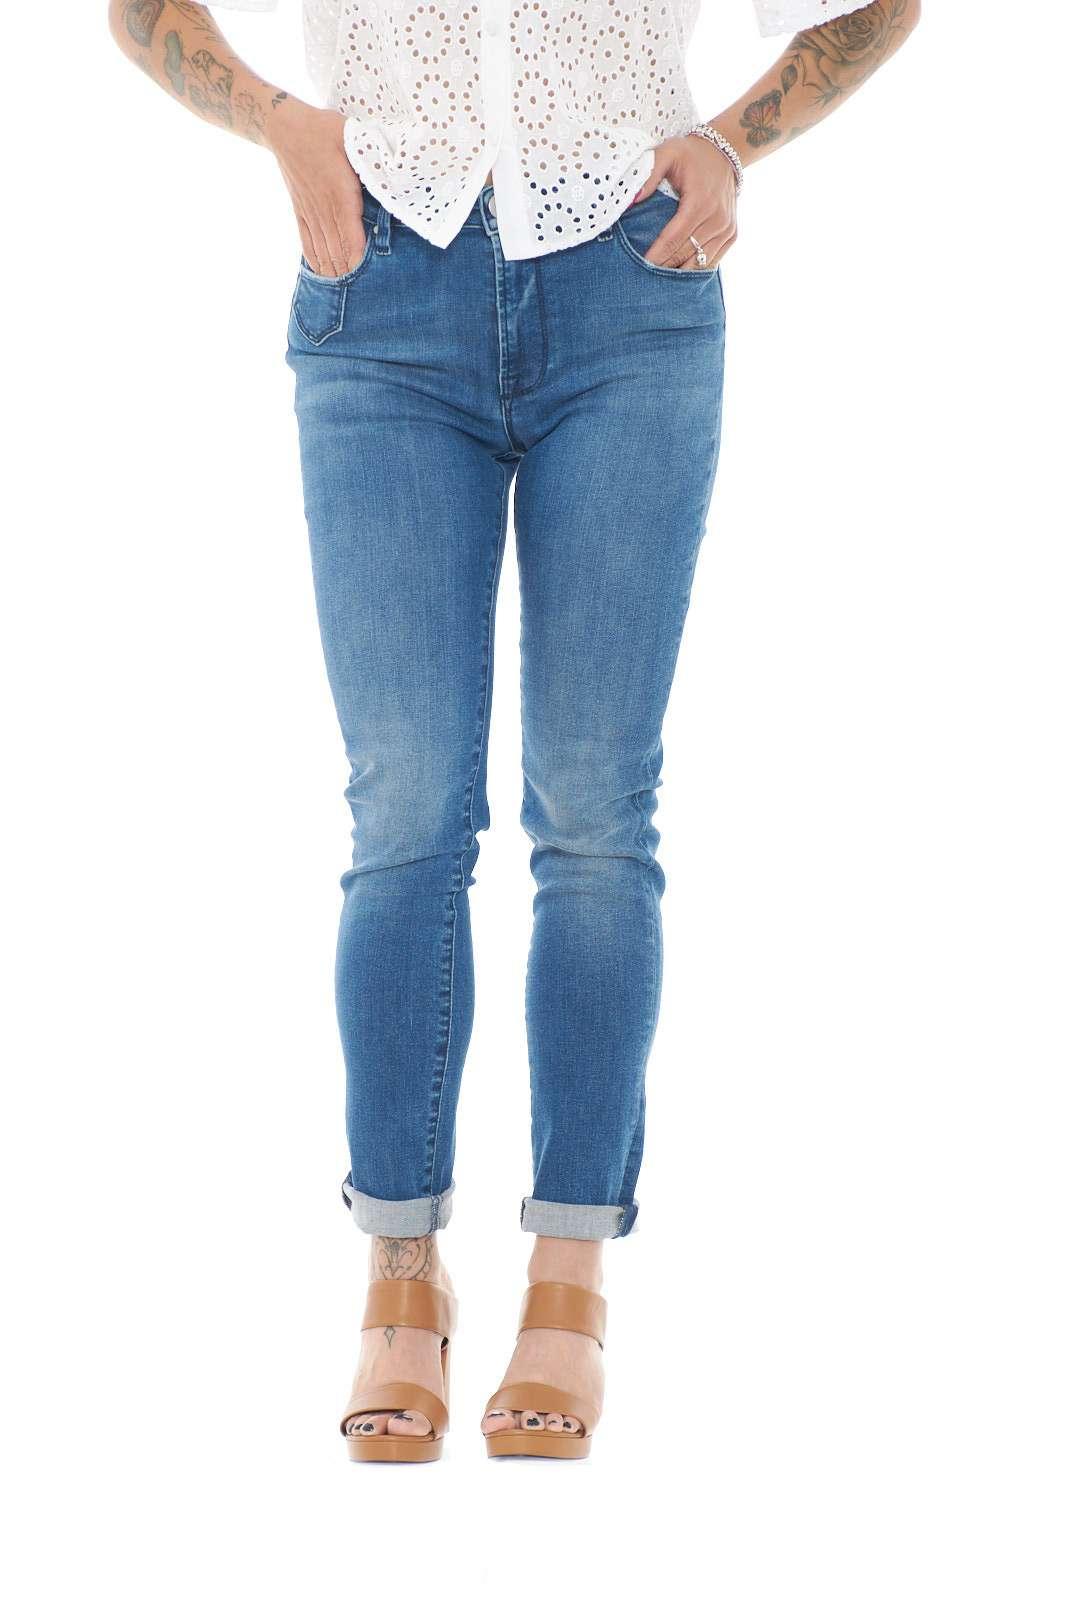 Un jeans modello skinny quello firmato Gems da donna. Iconico e sempre alla moda, per la donna che vuole far risaltare il suo stile. Perfetto da abbinare con outfit versatili.